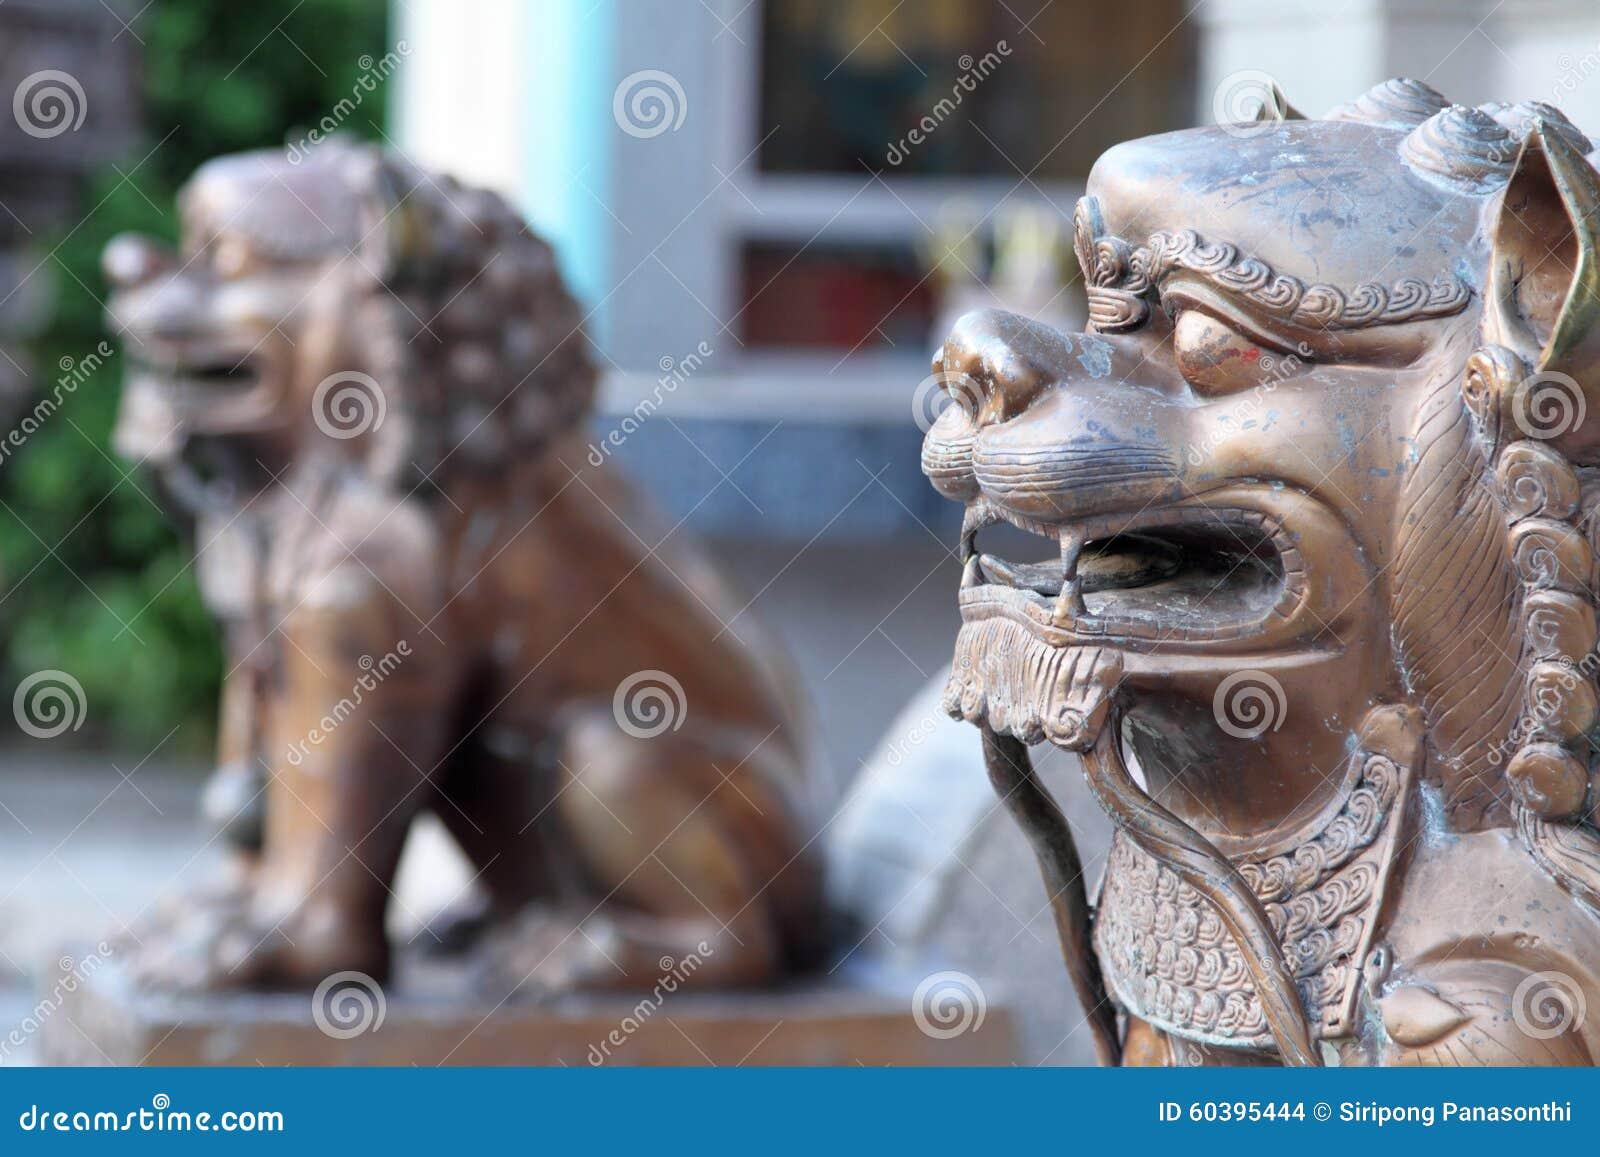 Statues de lion de fer